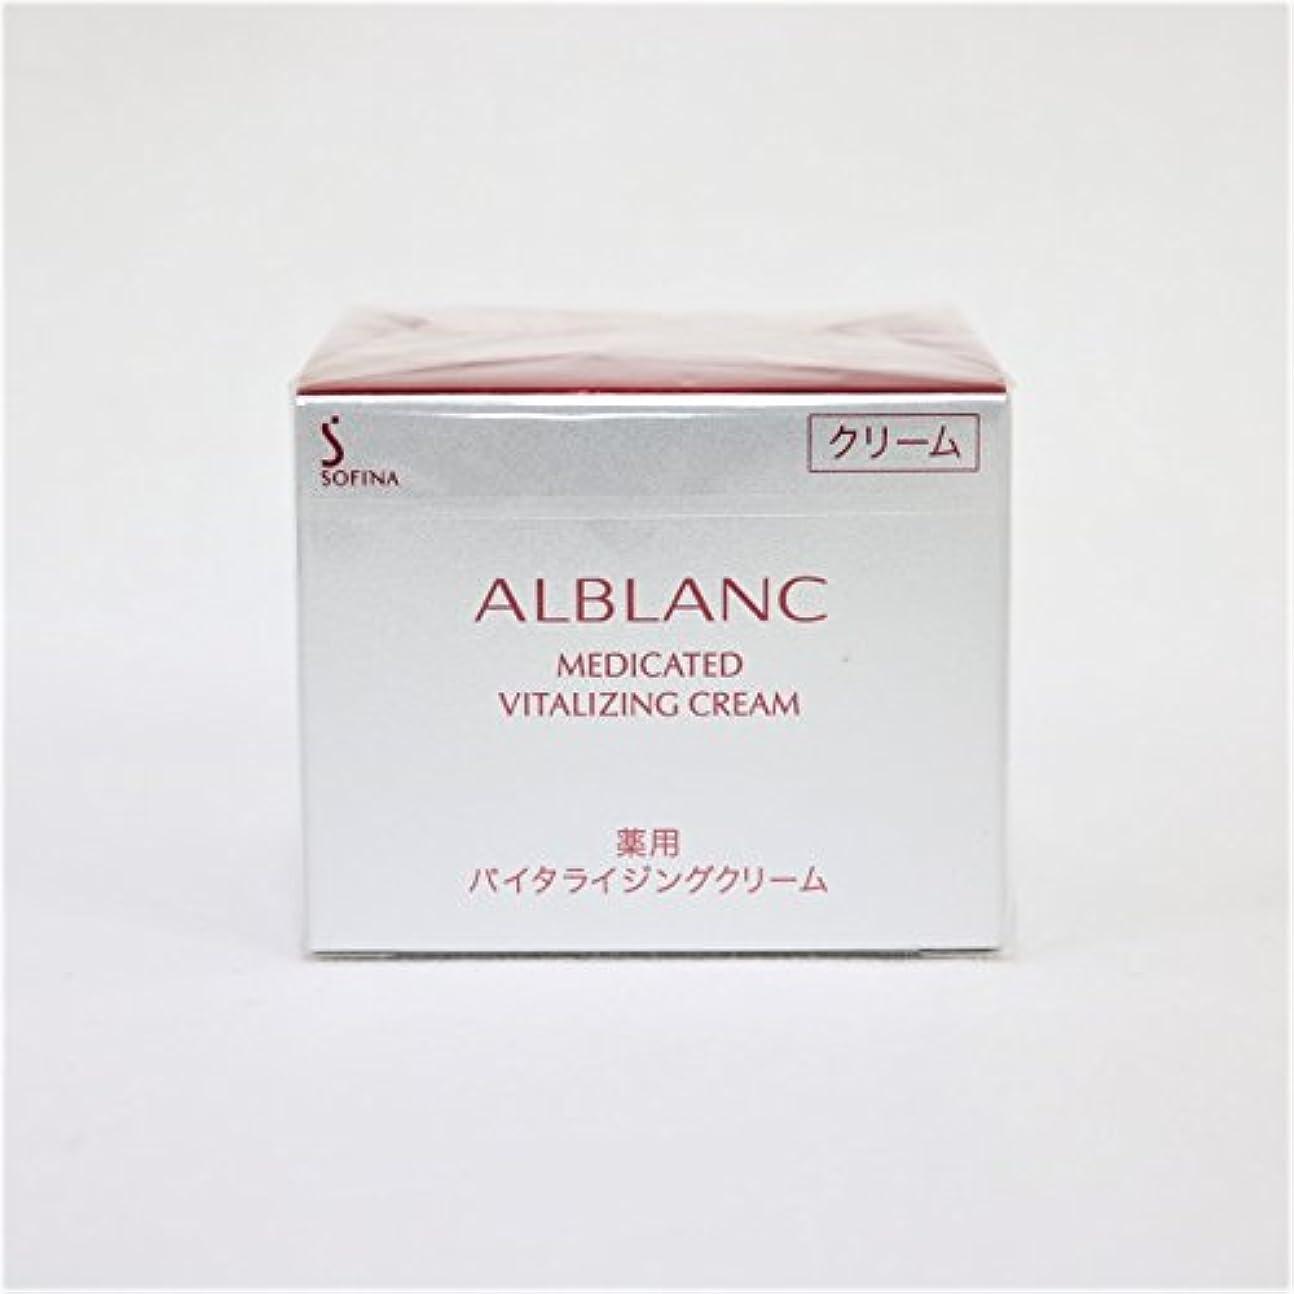 調和騒乱マトンソフィーナ アルブラン 薬用バイタライジングクリーム 40g